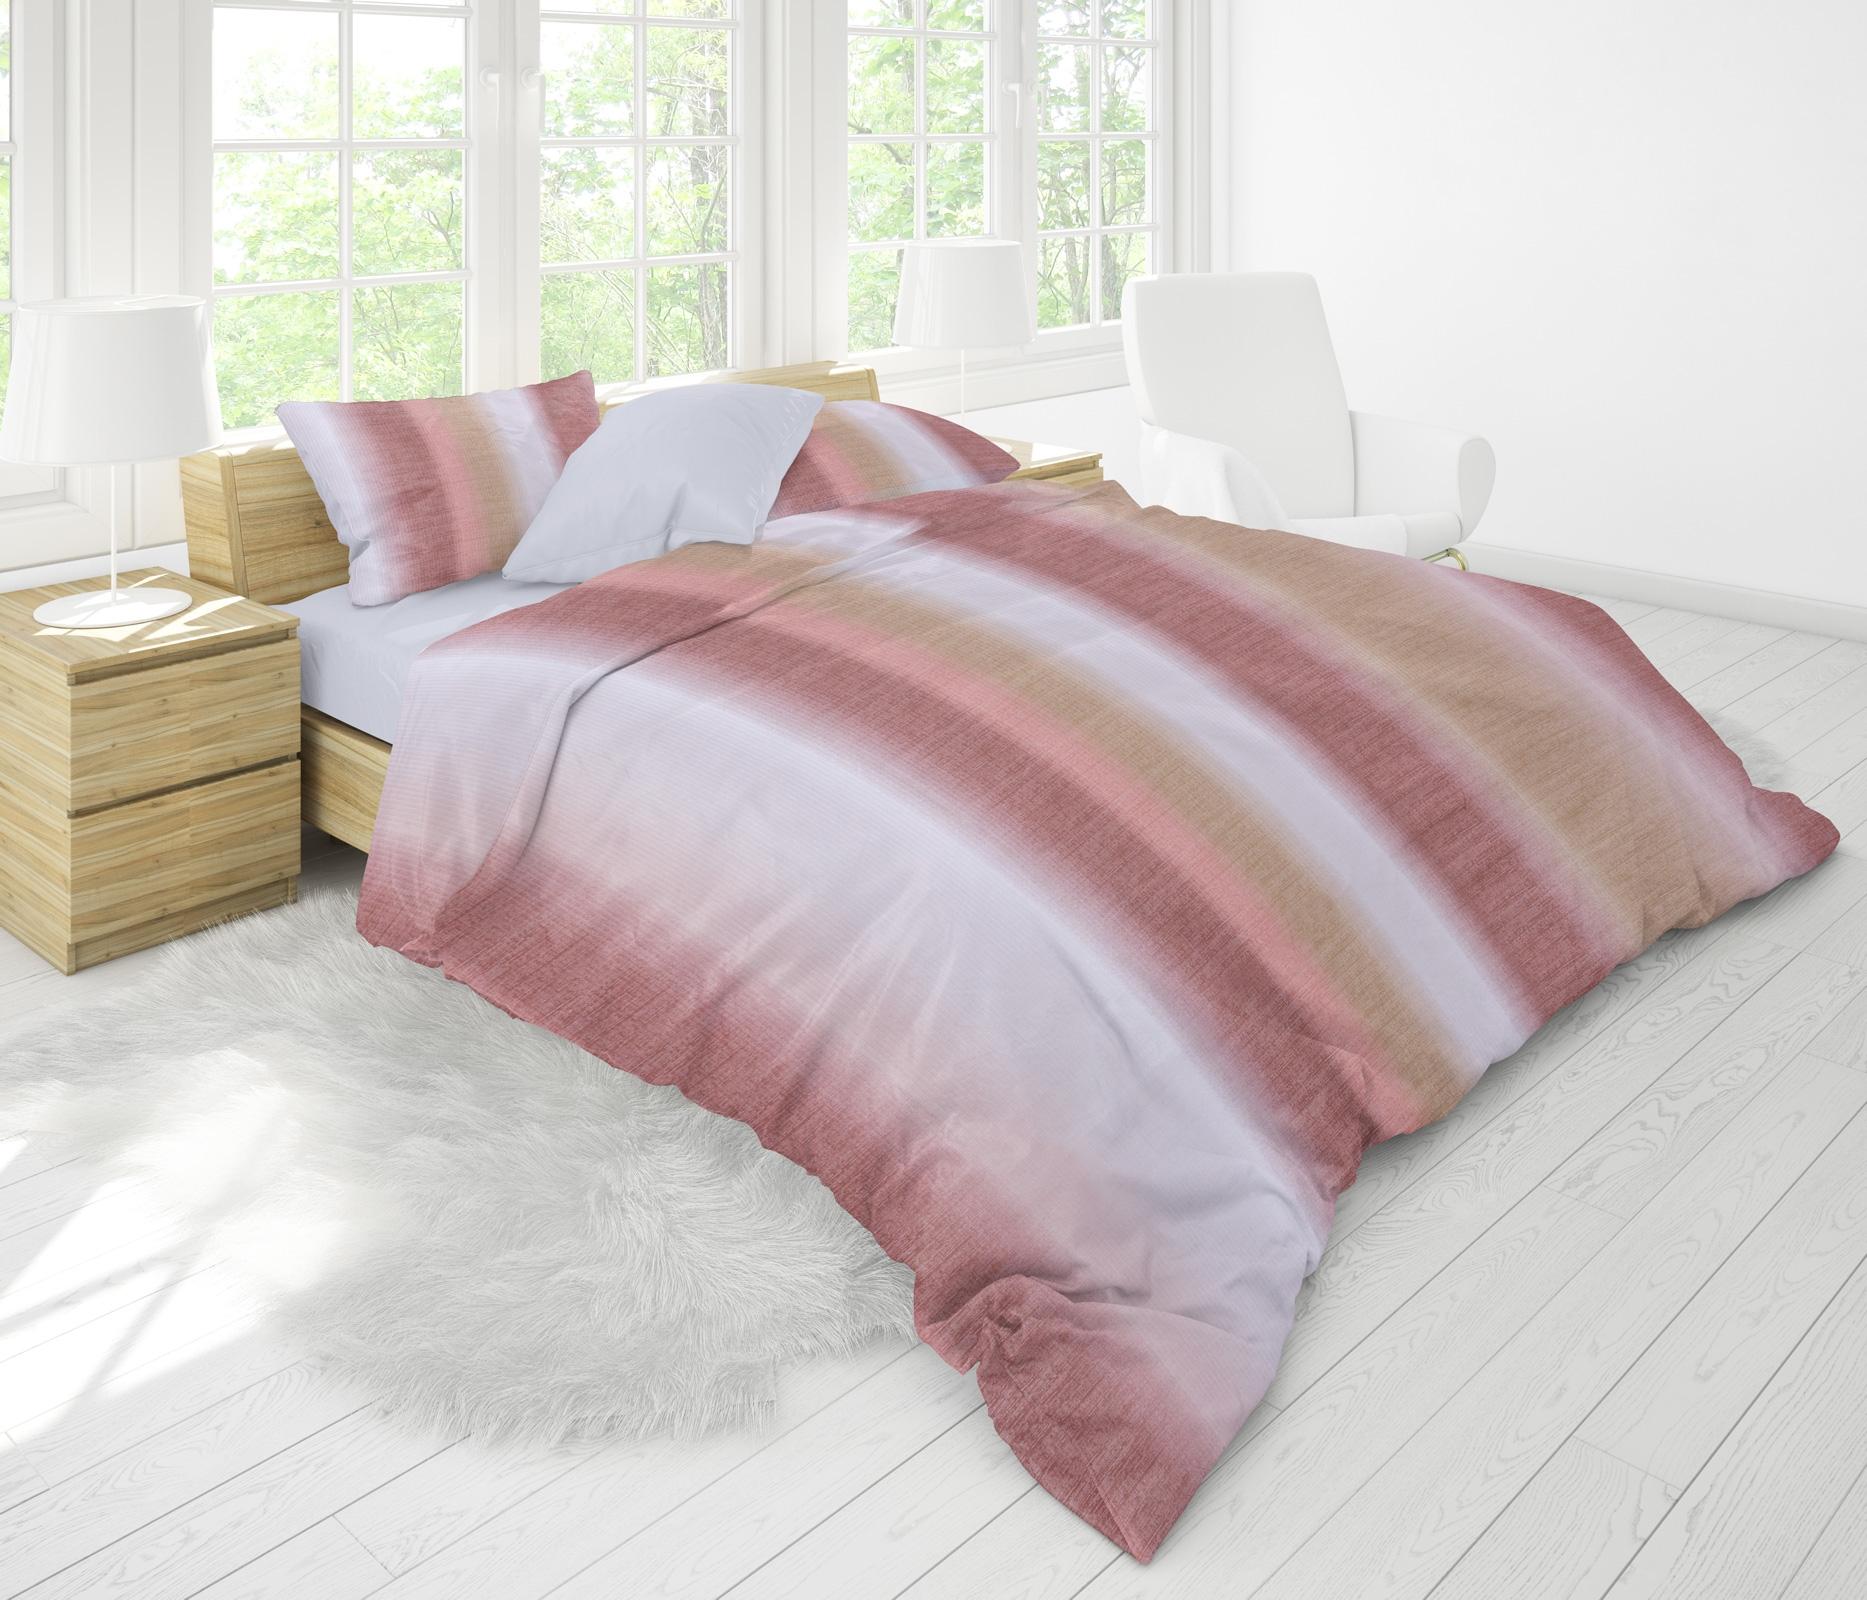 Bettwäsche - MOON Luxury Damast Bettwäsche Rainbow Streifen terra 155x220 80x80 100 Baumwolle YKK Reißverschluss  - Onlineshop PremiumShop321